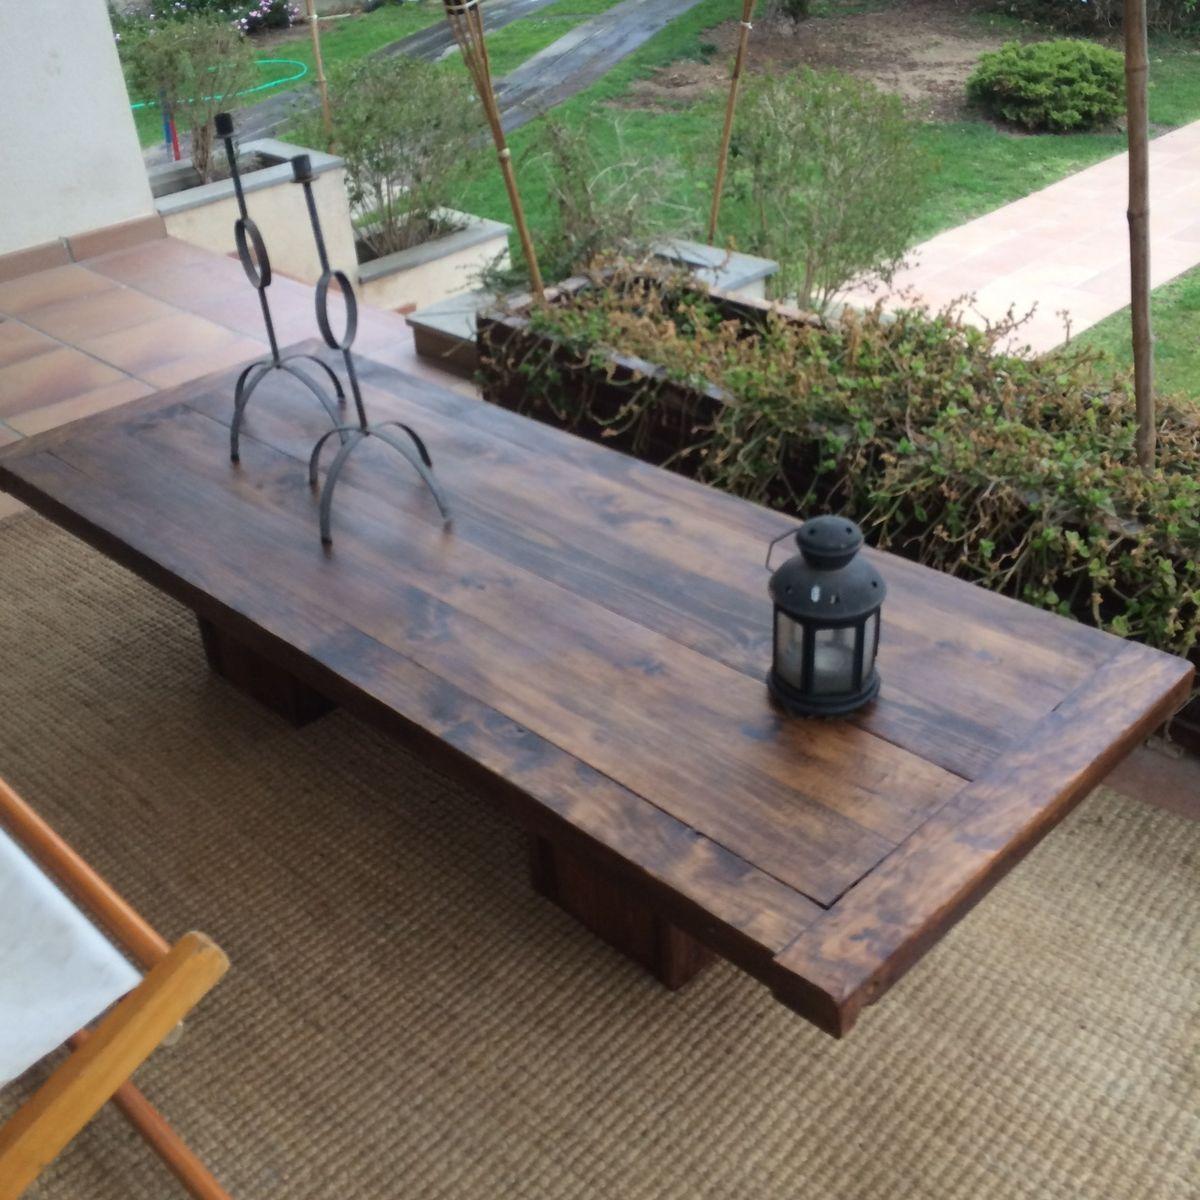 Mesa de centro madera buscar con google mesa centro pinterest mesa de centro madera - Mesa rustica madera ...